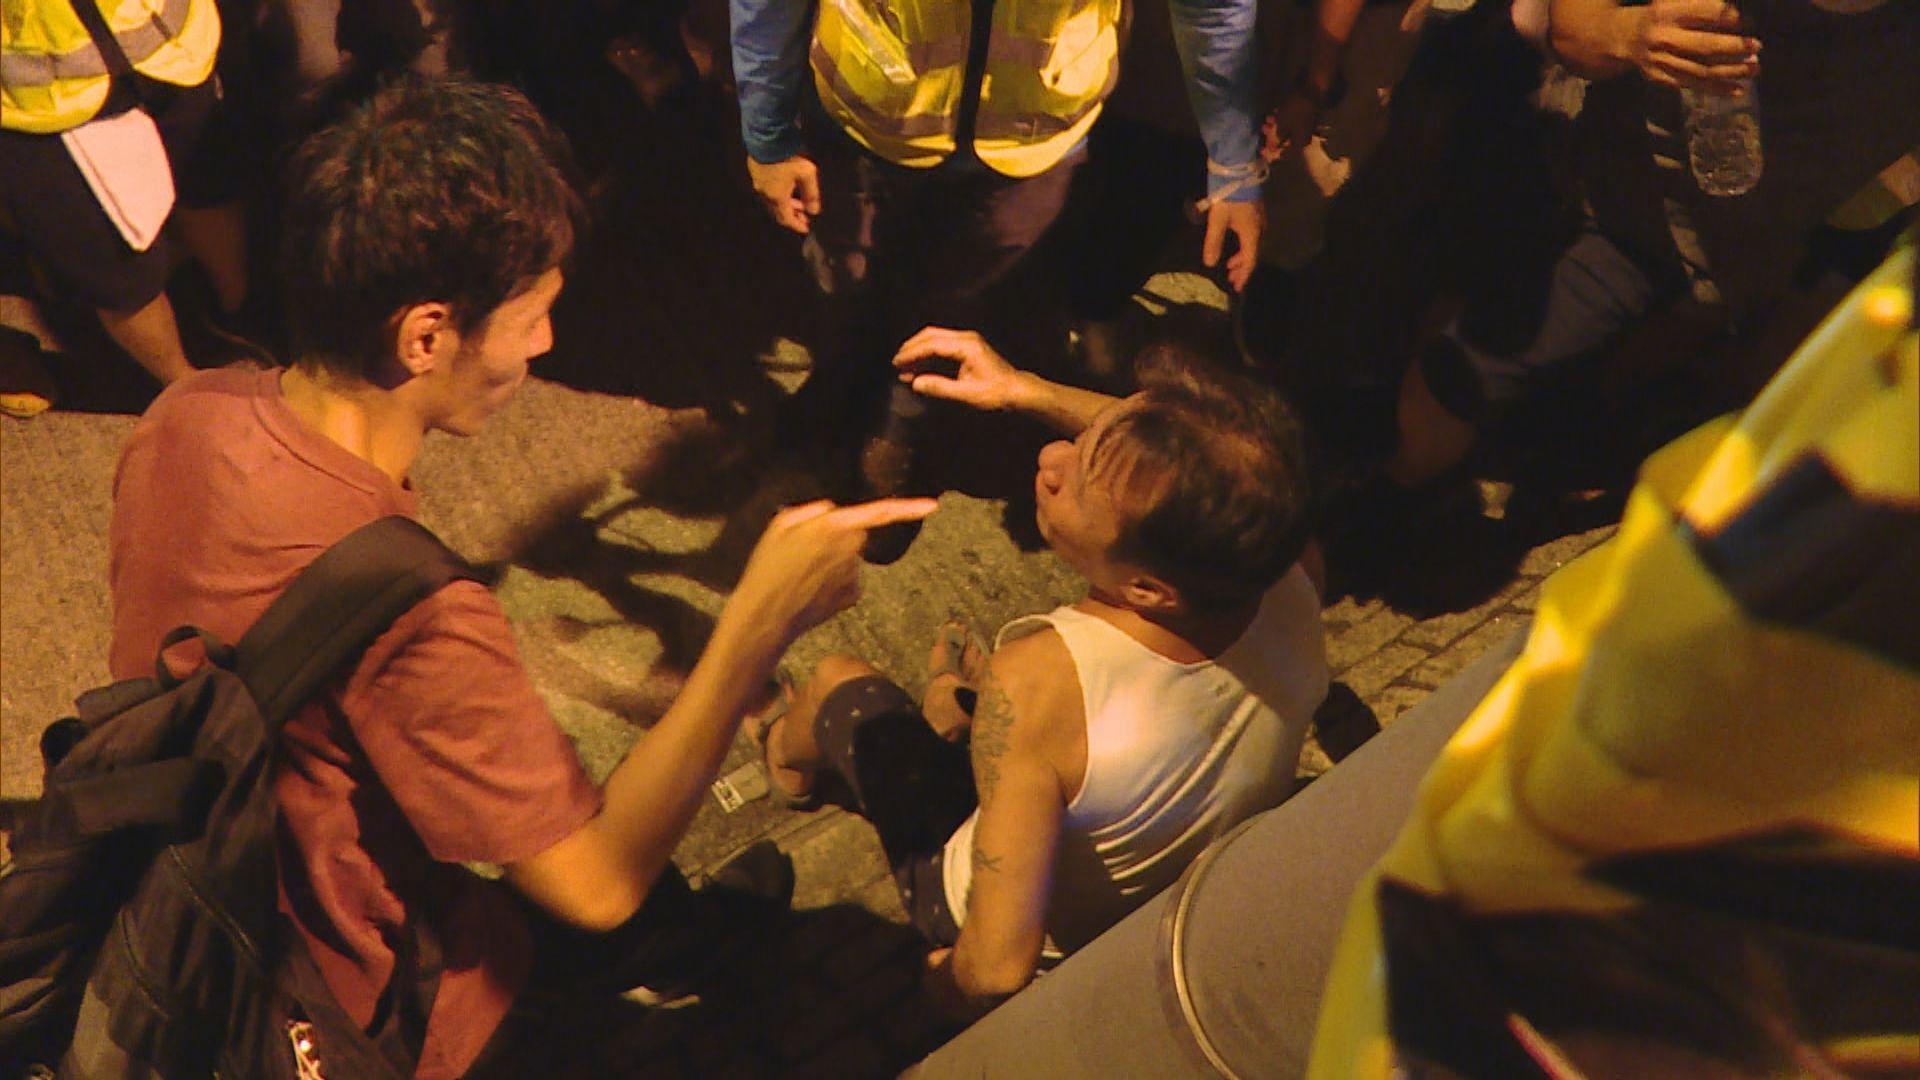 警方:不認同因警執法不公令示威者打人